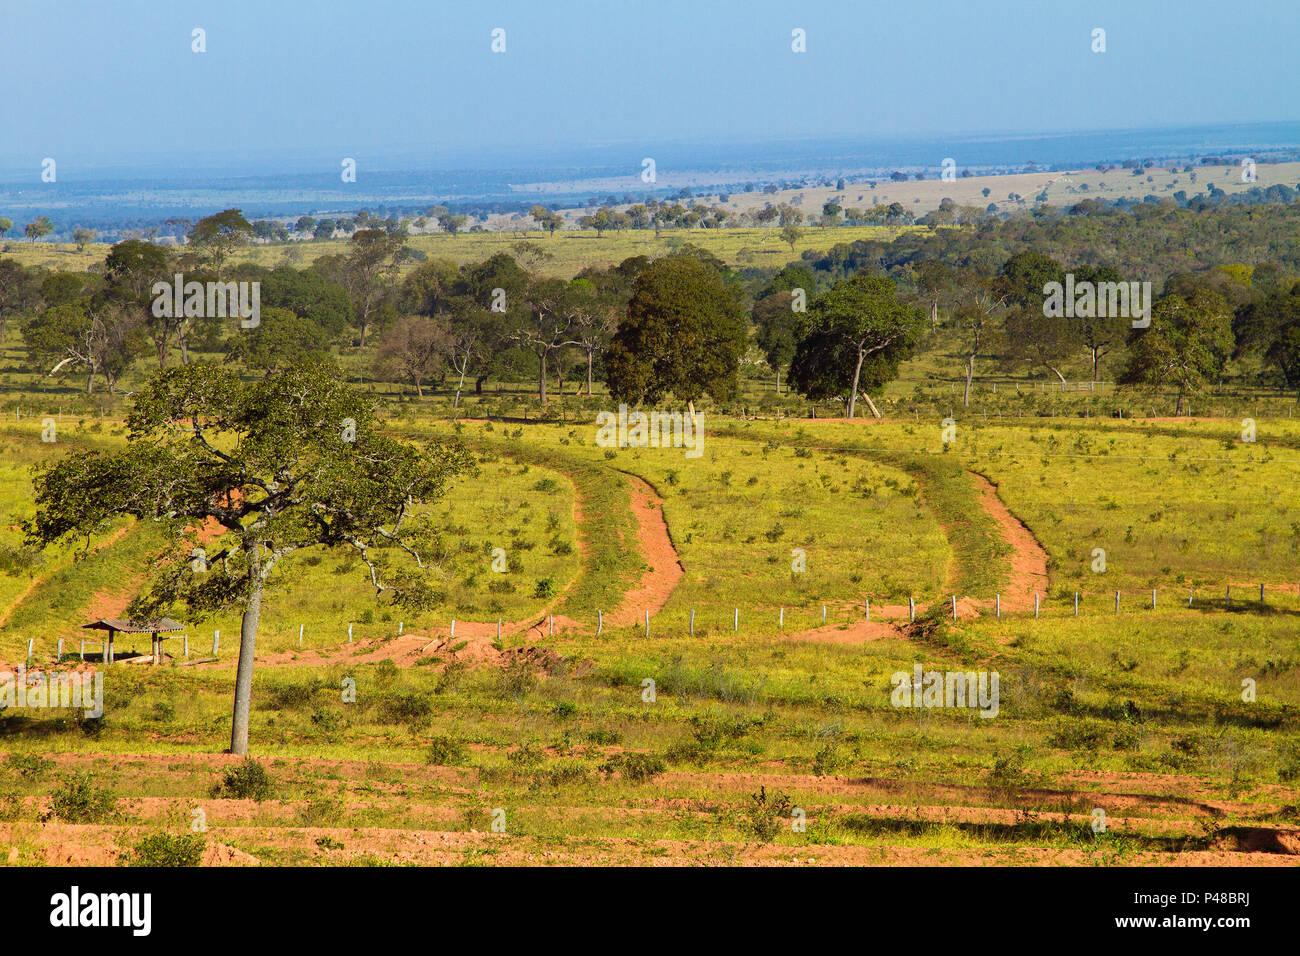 Corguinho Mato Grosso do Sul fonte: c8.alamy.com